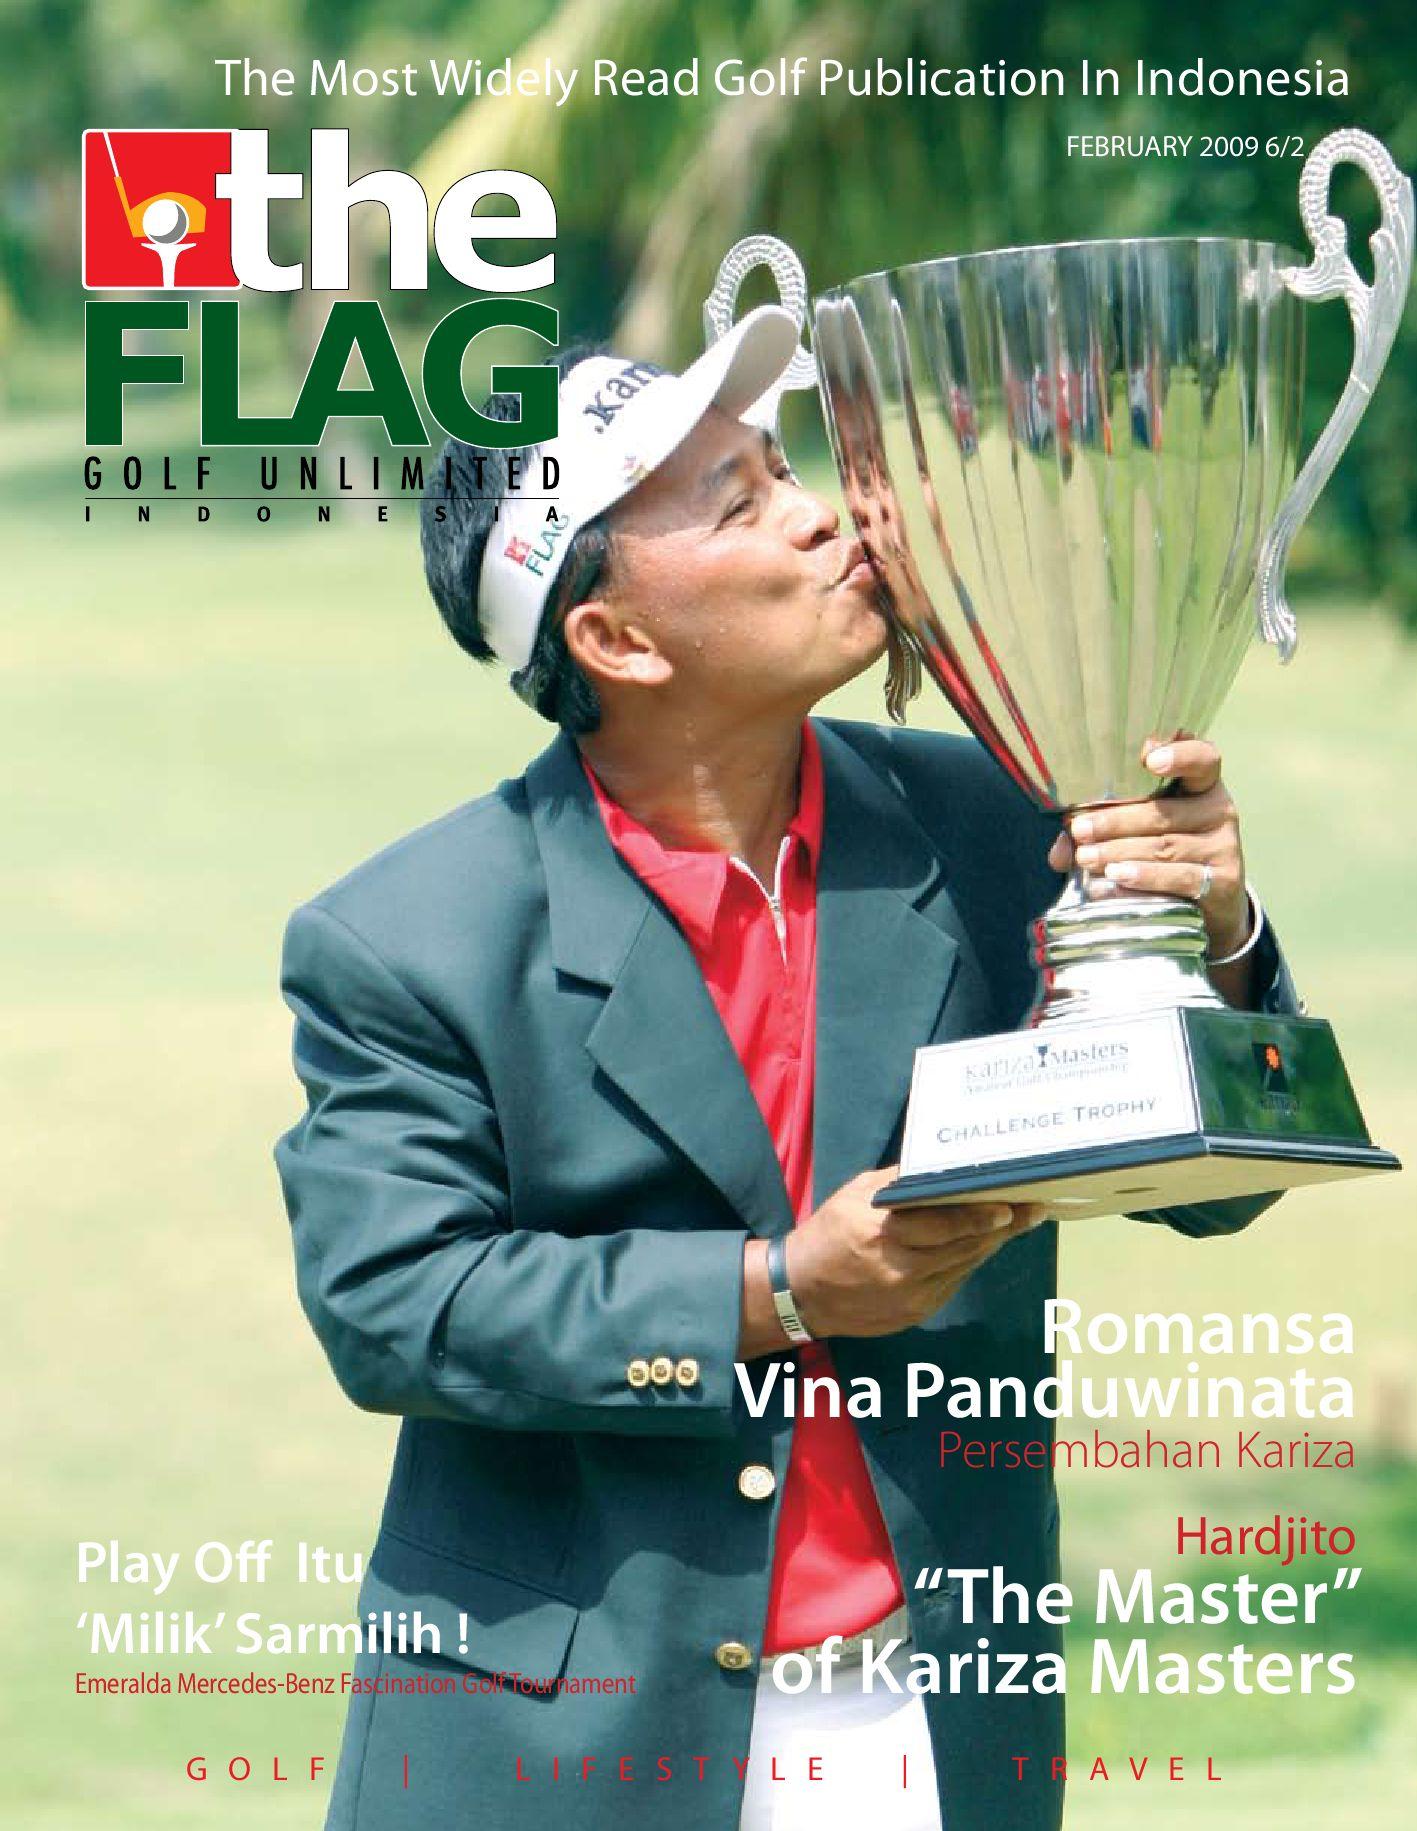 The Flag Magazine Golf Unlimited Indonesia By Kariza Viratama Issuu Tiket Fisik Majestic Ferry Singapura Batam Sekali Jalan Ticket Singapore One Way